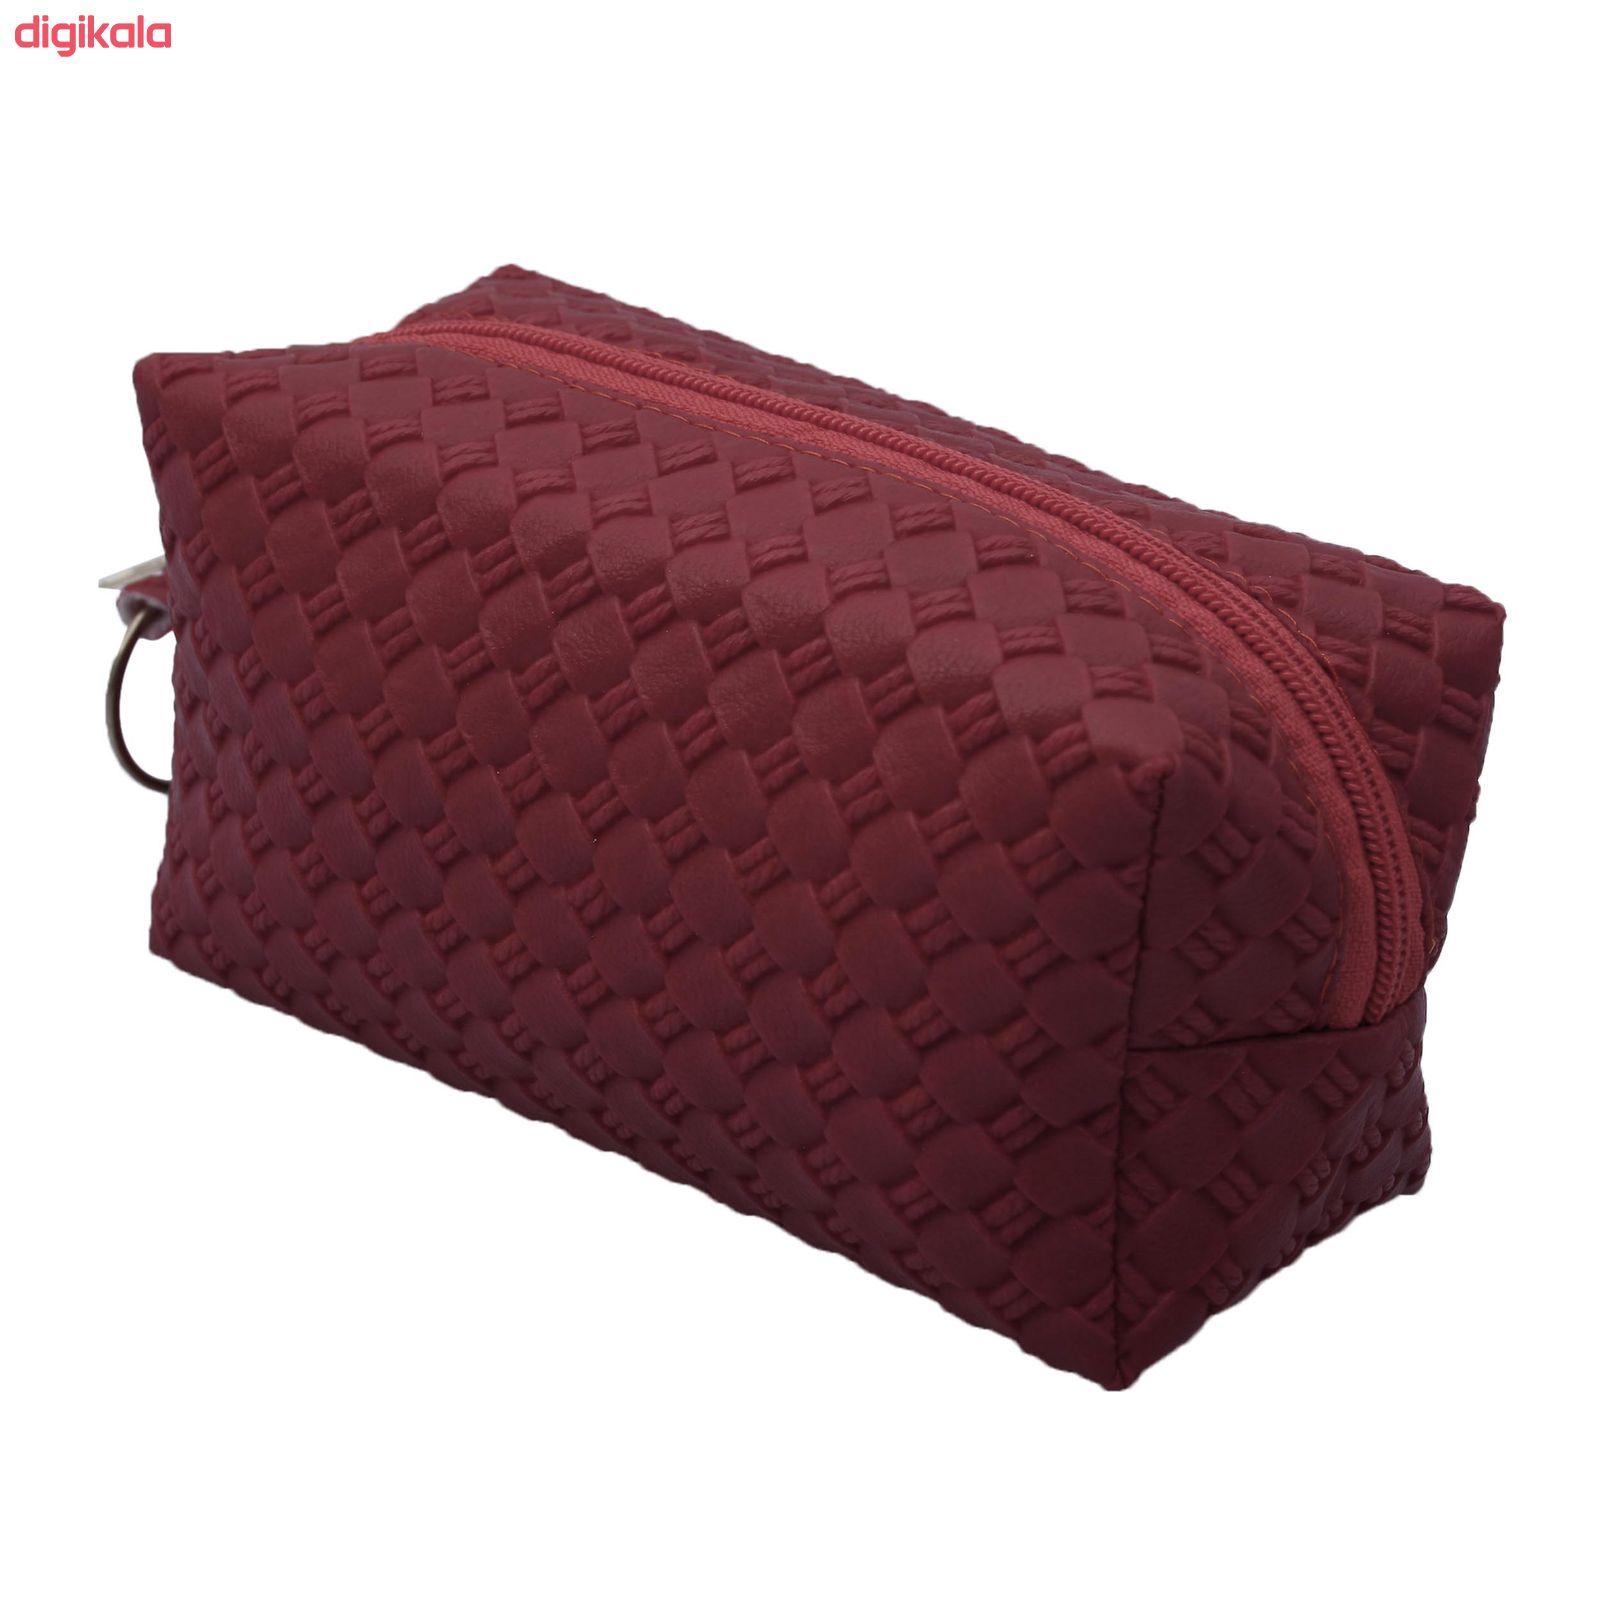 کیف لوازم آرایش کد GT0103 main 1 35